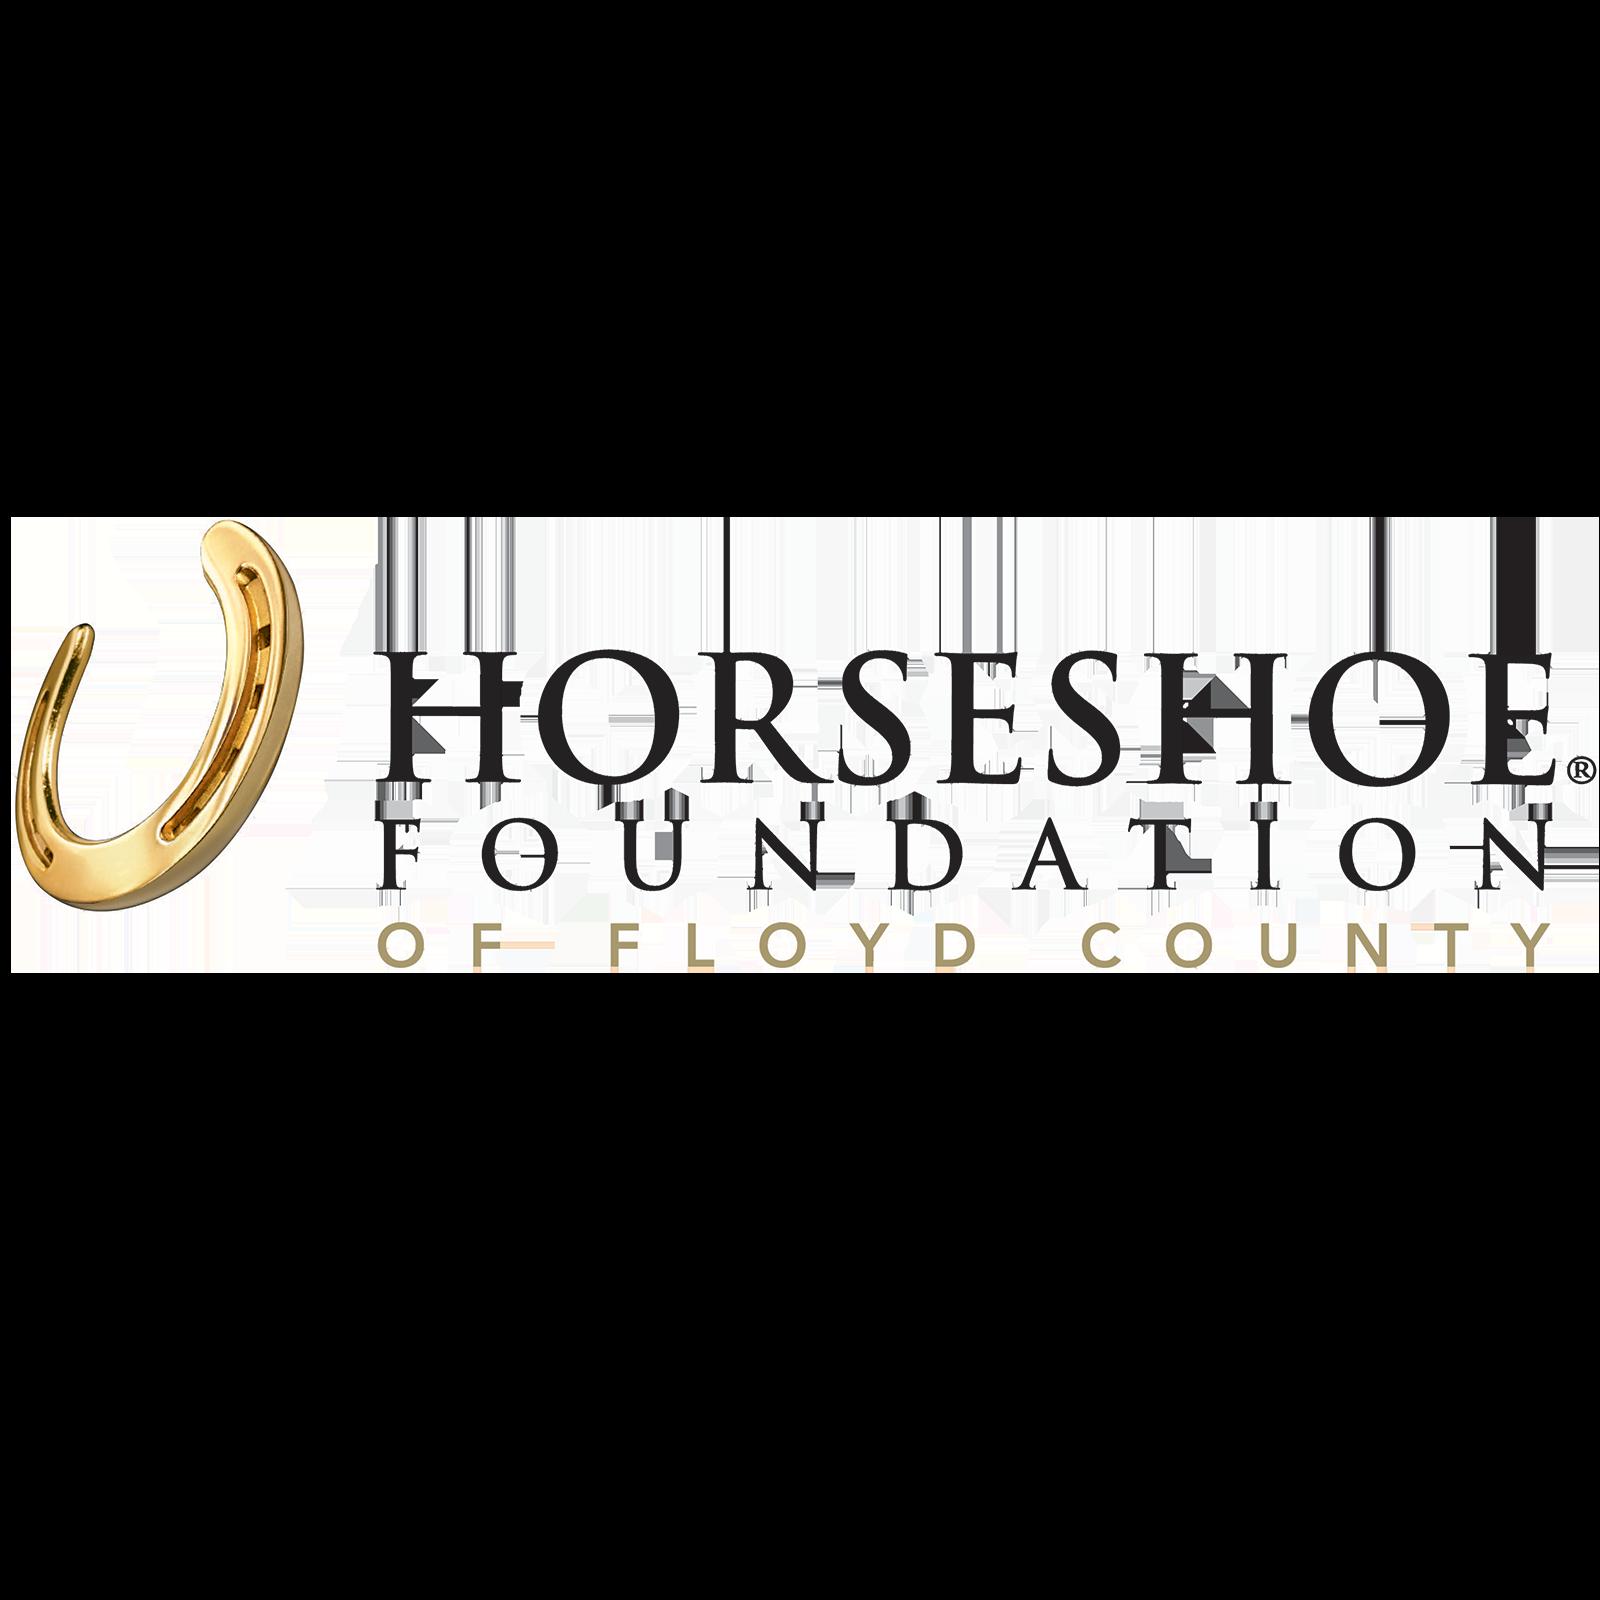 Horseshoe Foundation of Floyd County